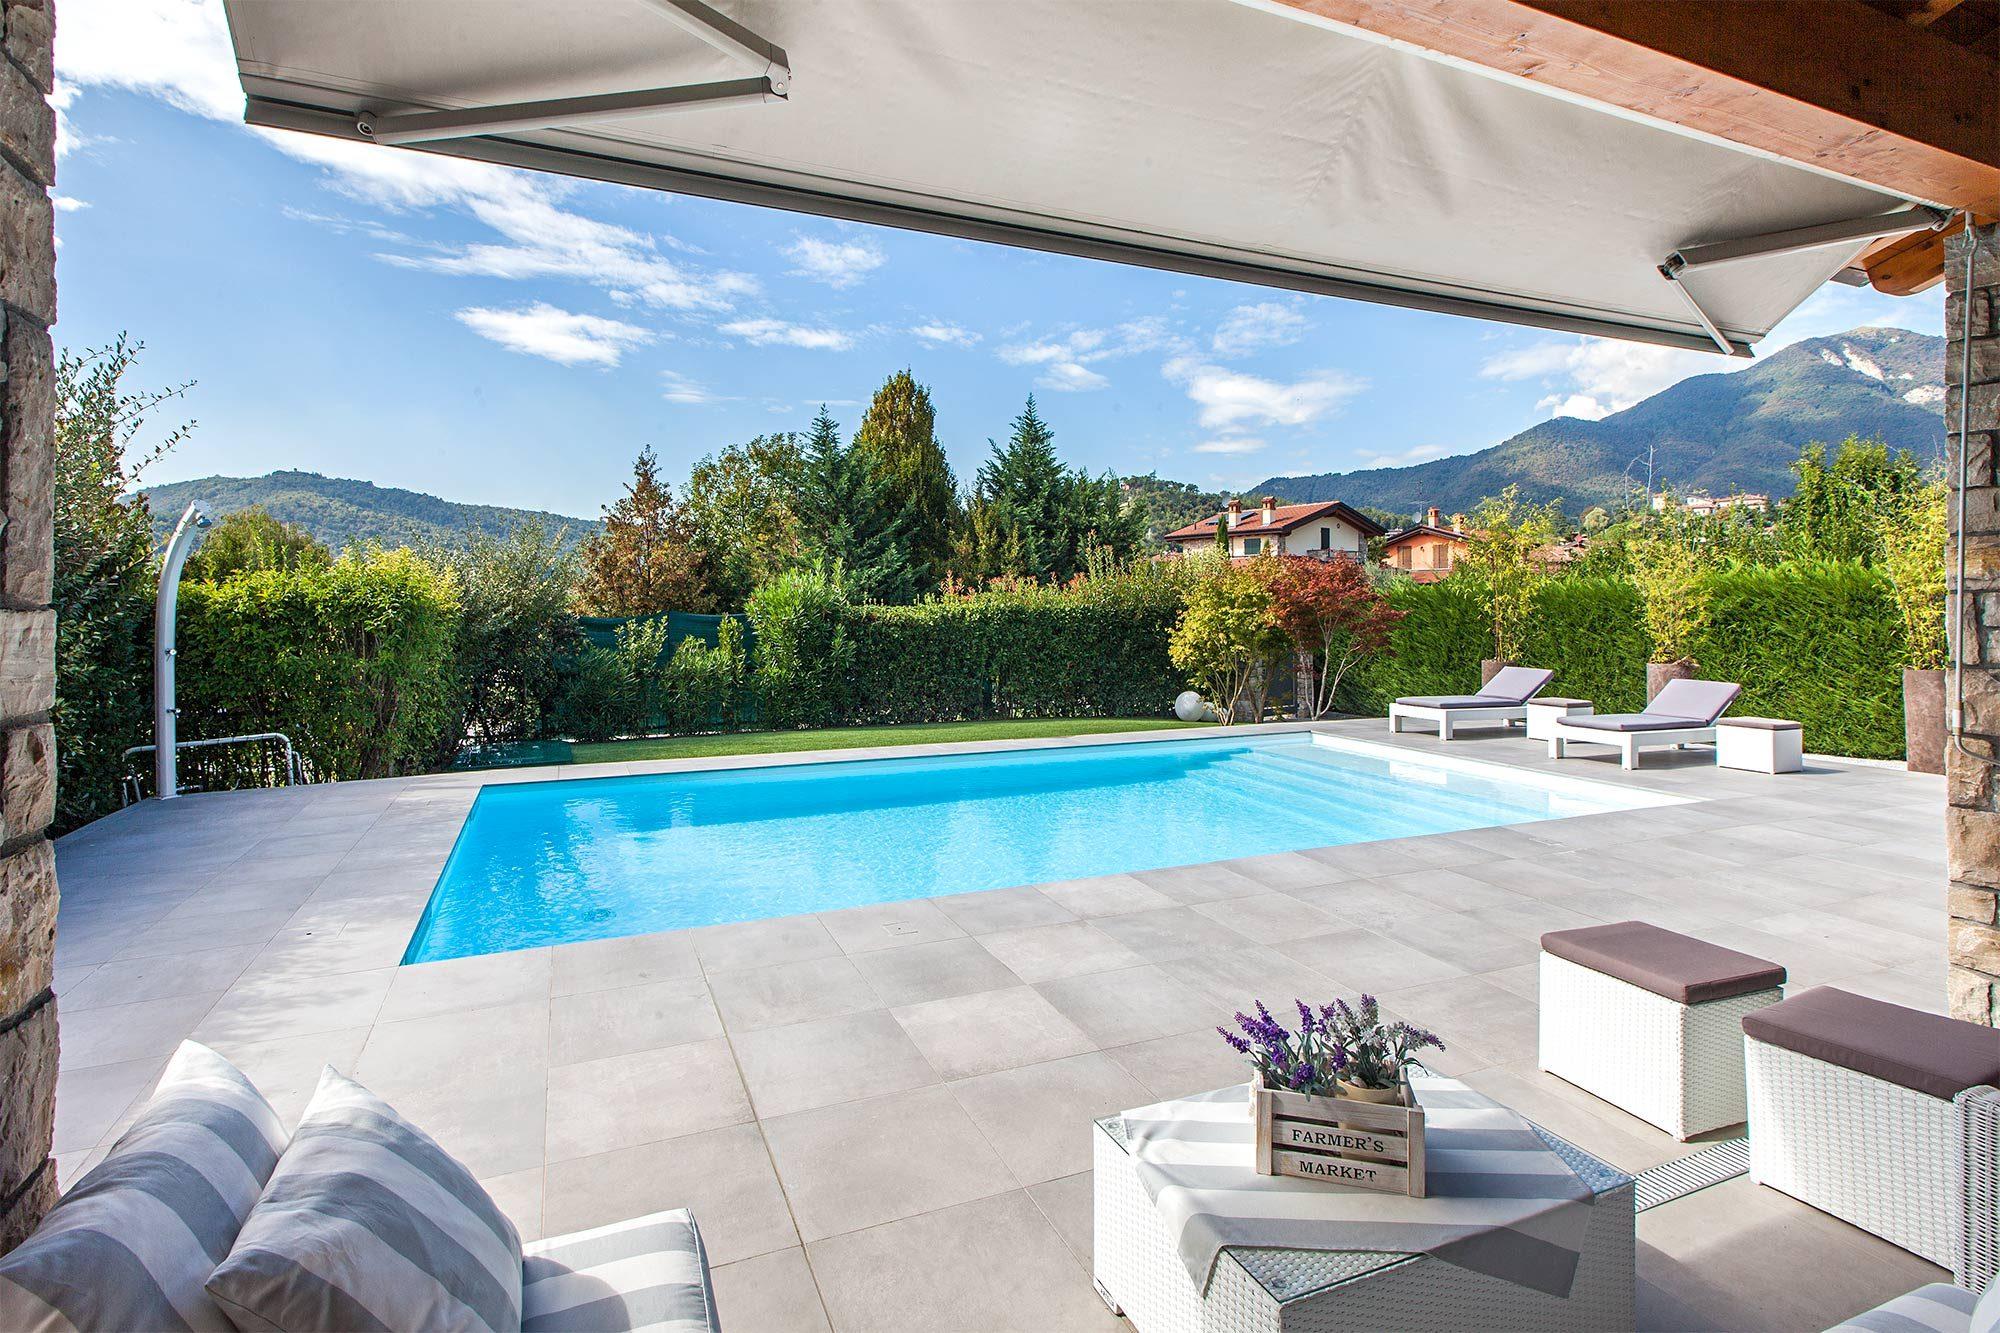 piscina a skimmer con doccia e solarium arredato